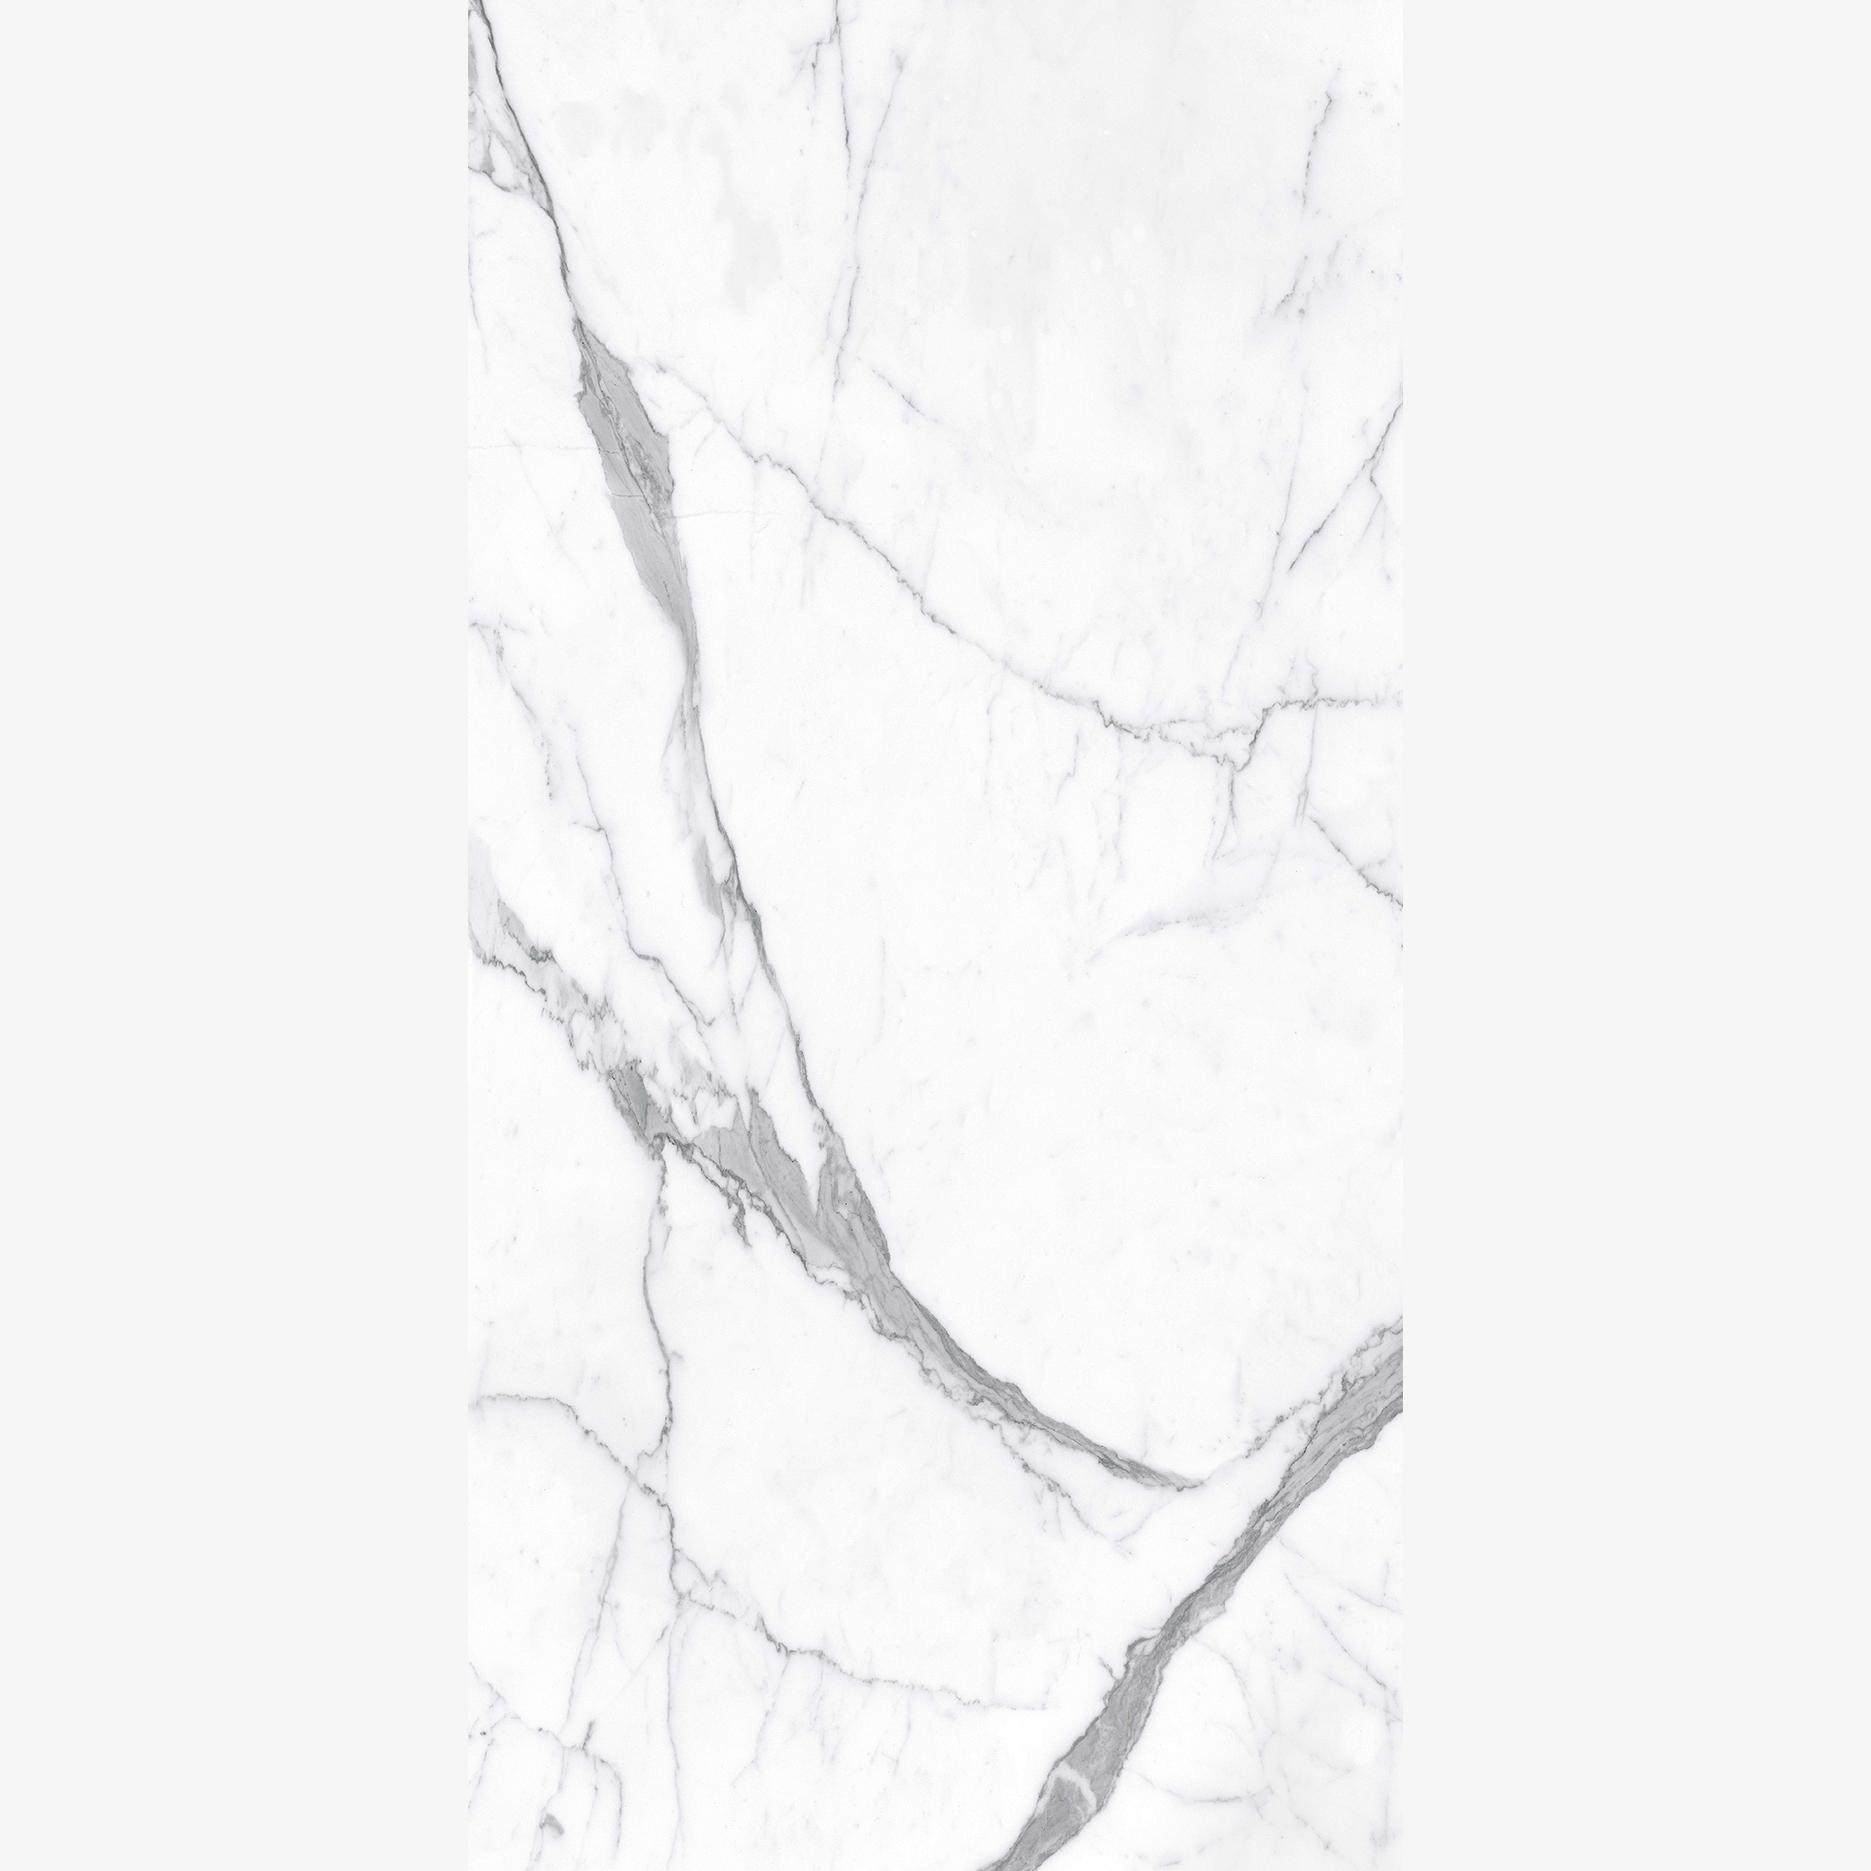 鱼肚白 HYEG1890023,900x1800mm